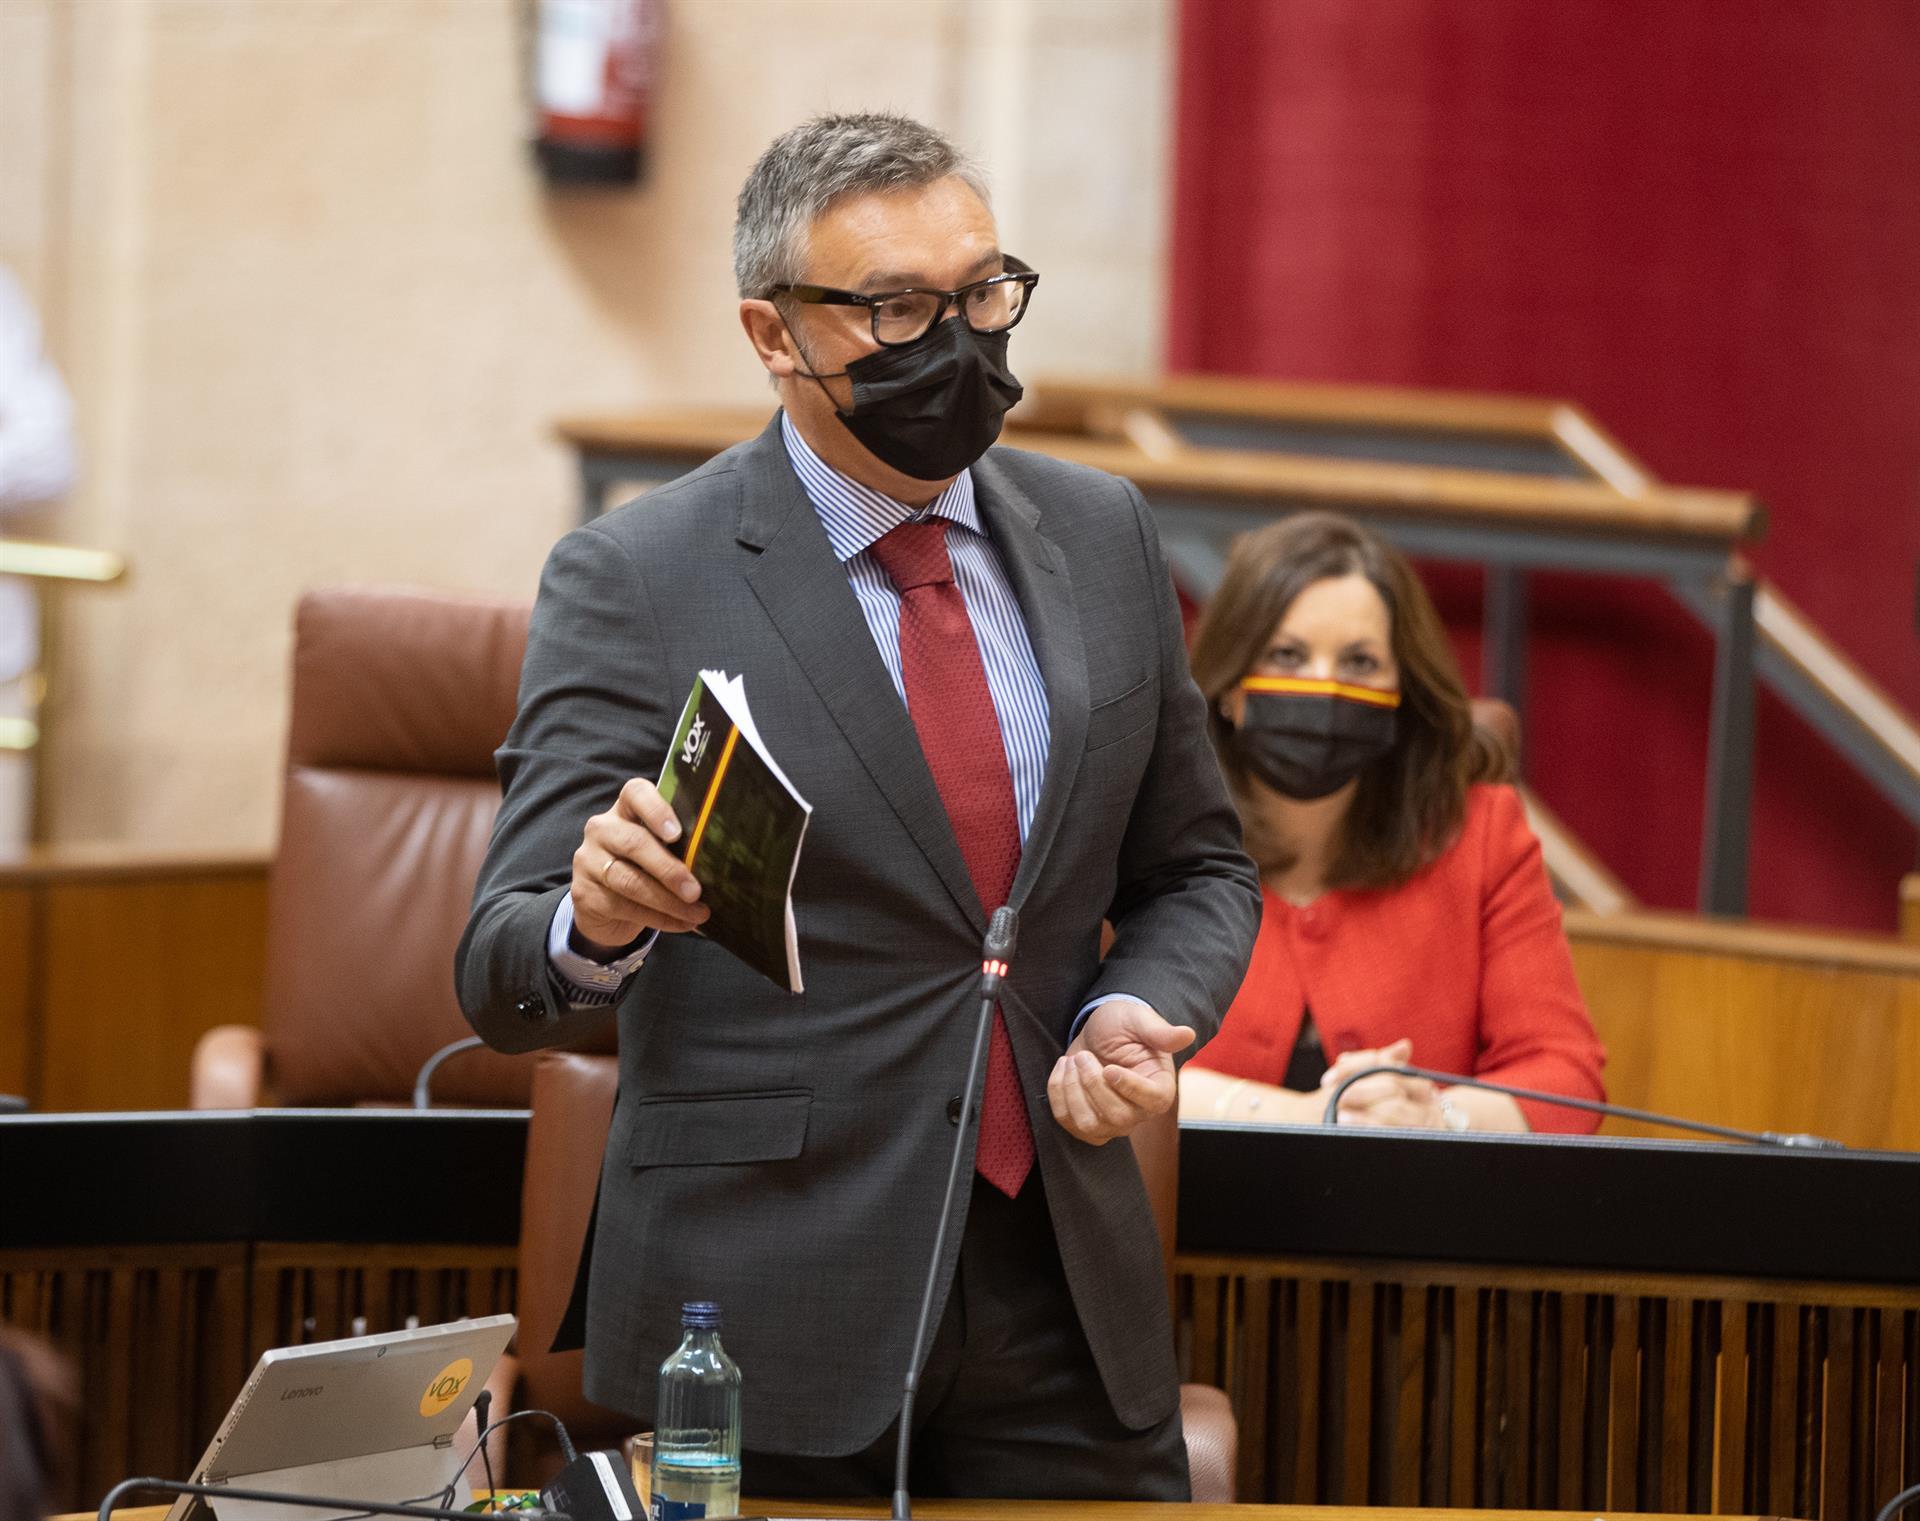 Vox plantea a la Junta «reconducir las relaciones y que cumpla los acuerdos si quiere agotar la legislatura»